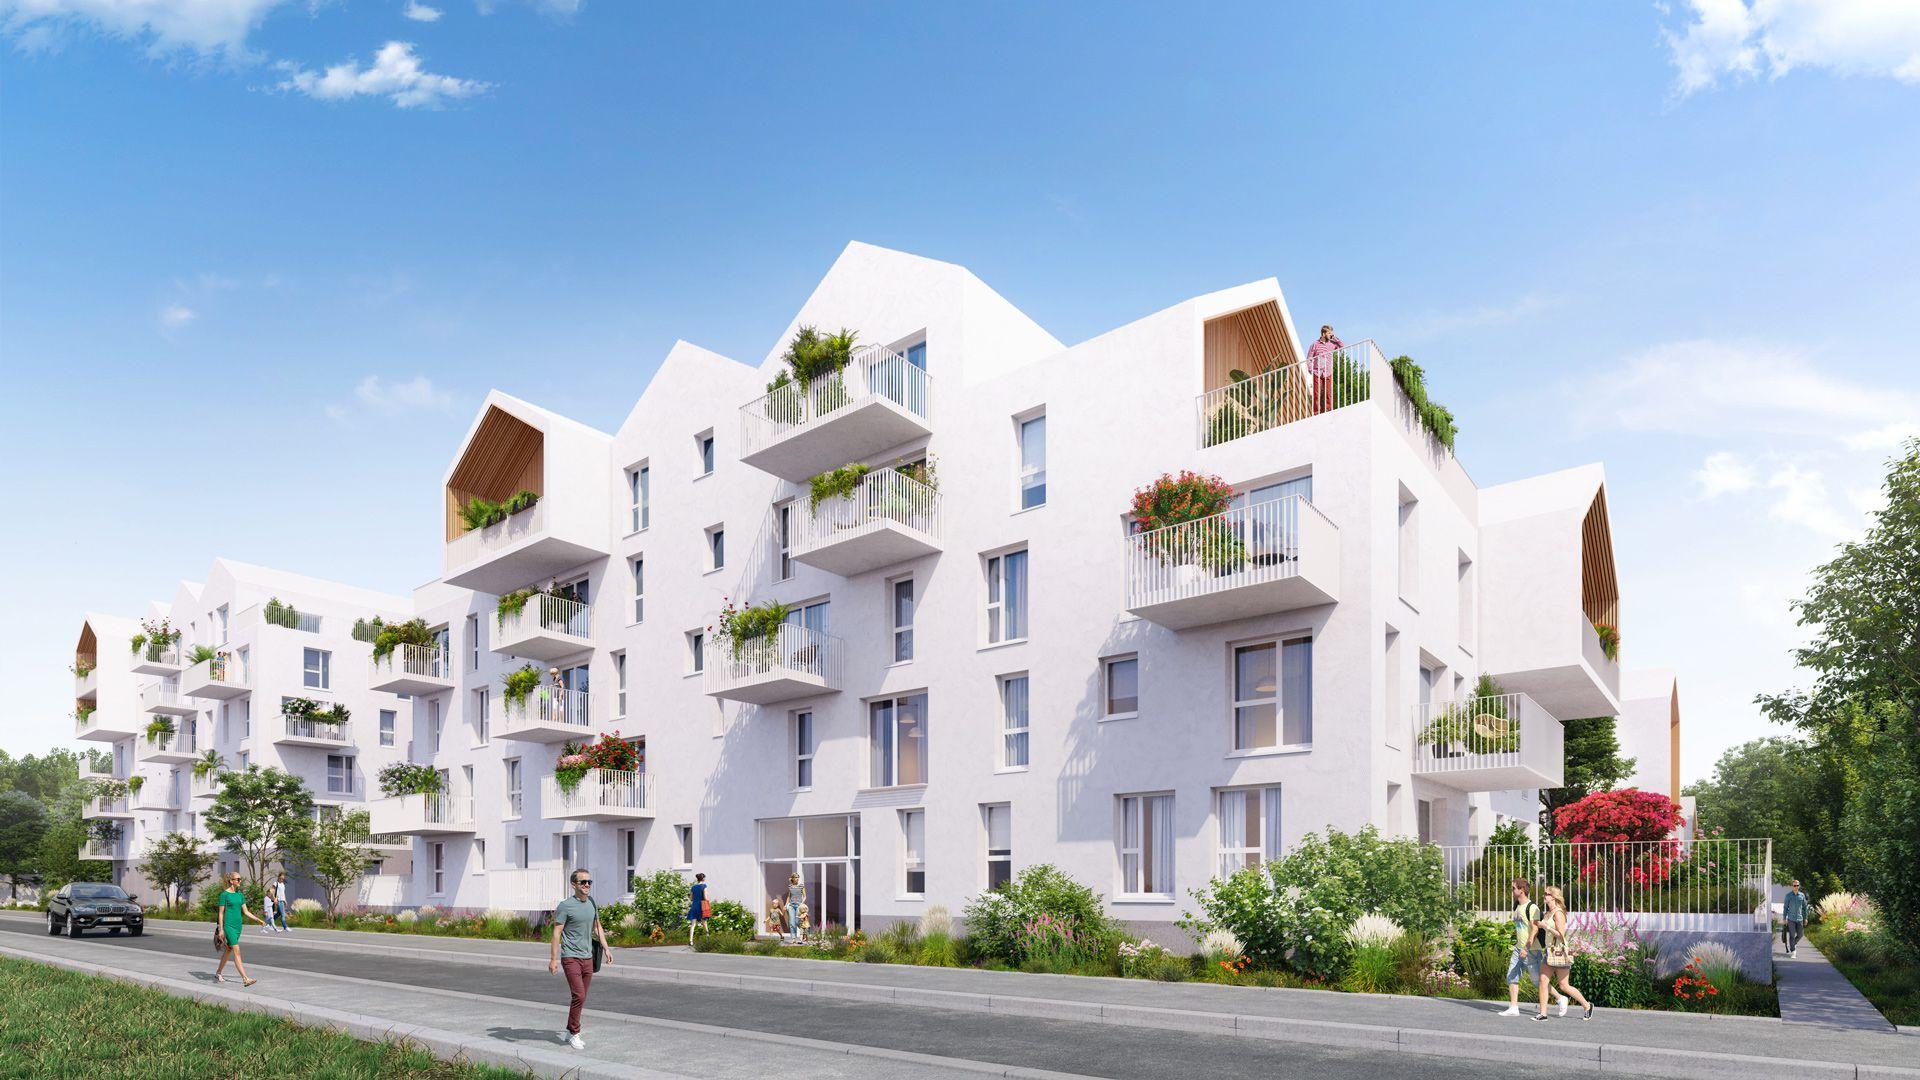 programme immobilier neuf les jardins fleury appartements neufs, du 2 pièces au 4 pièces à fleury sur orne à partir de 135 480 vente d un bien immobilier neufachat d un bien immobilier neufsituer ce bien